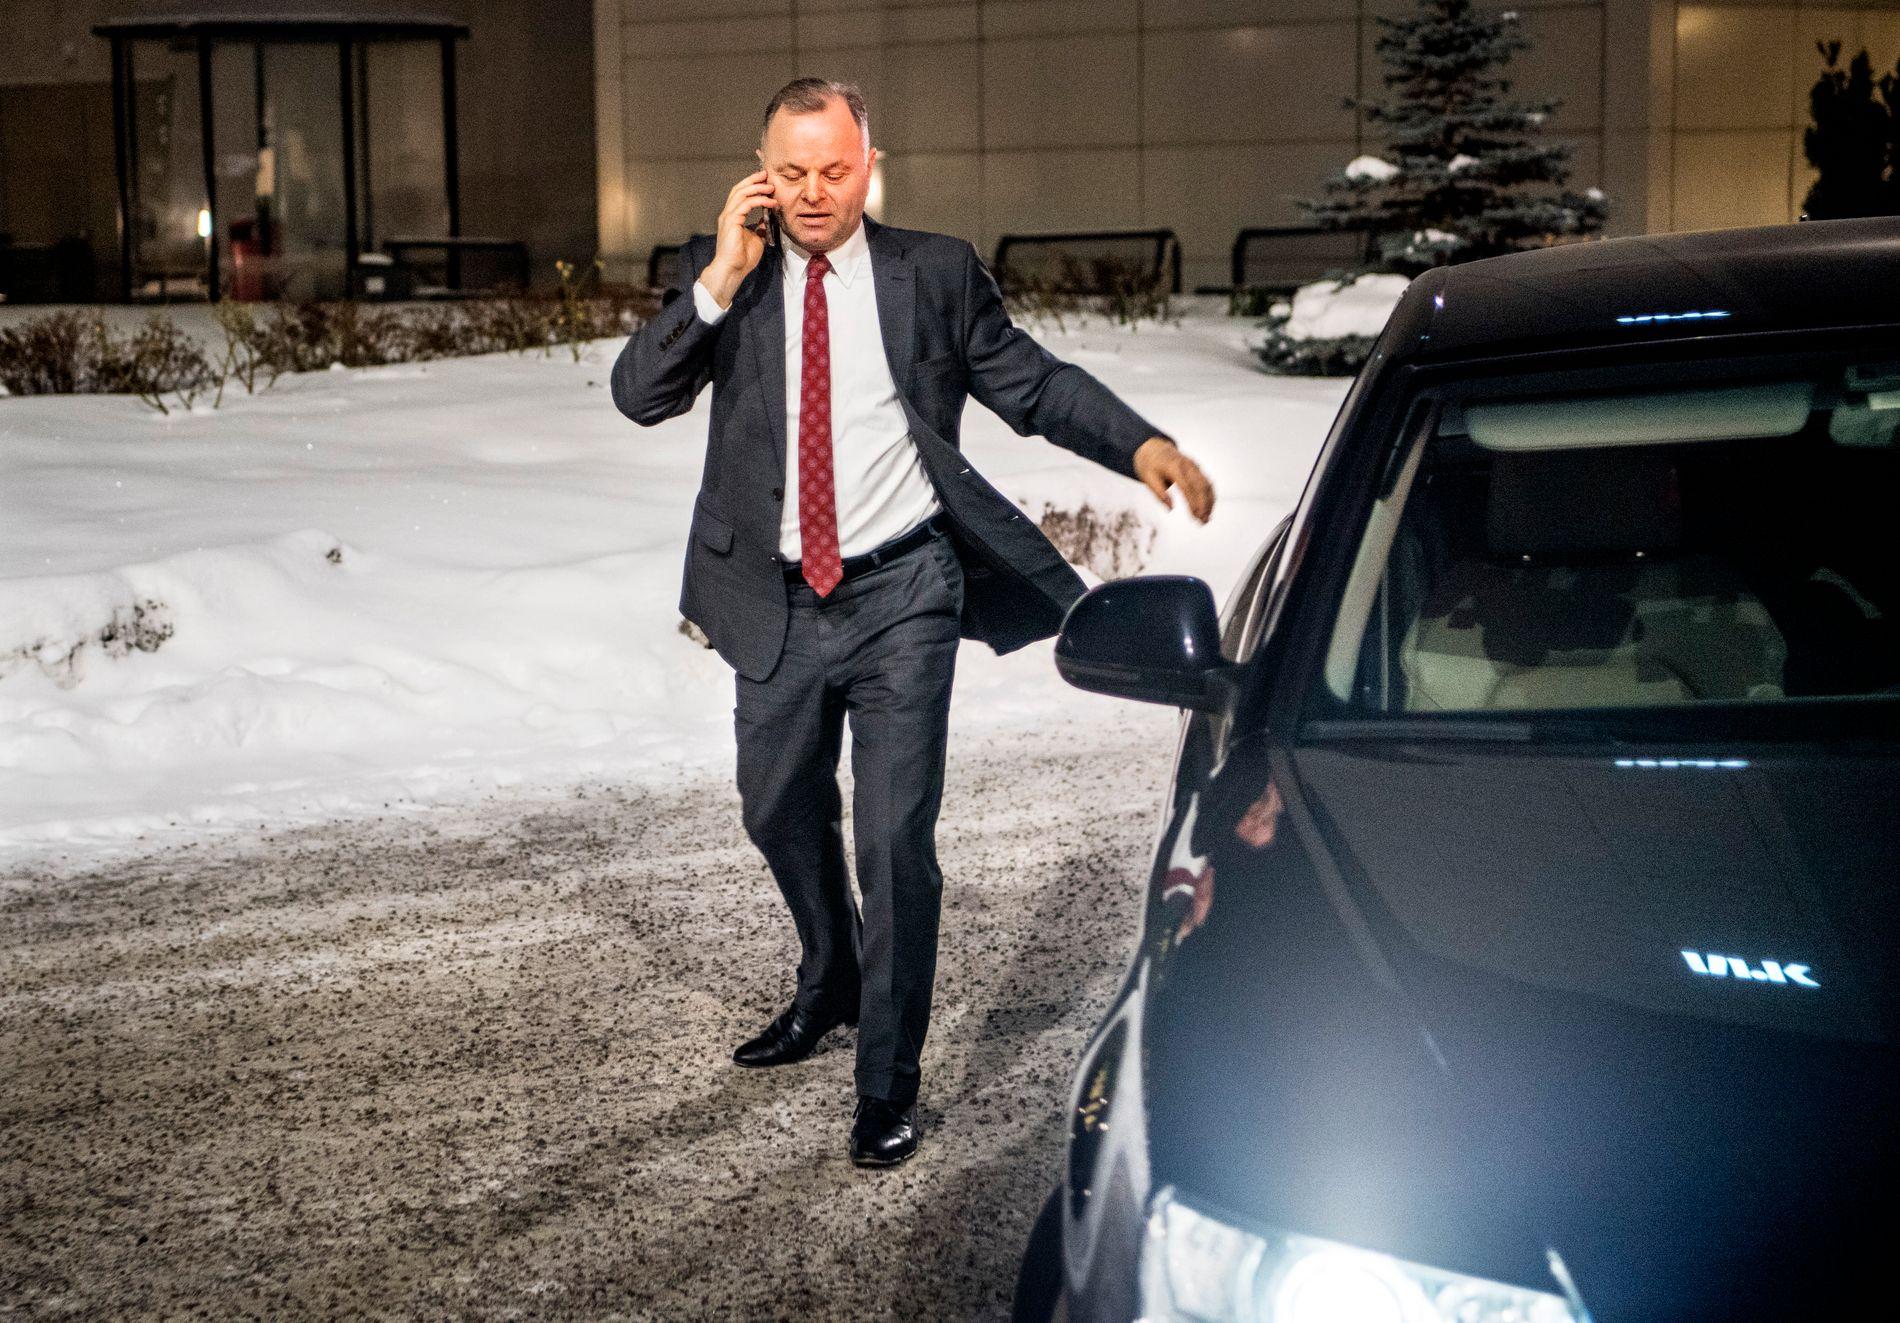 PRESSET: I dag skal Olemic Thommessen forklare seg om milliardsprekken.